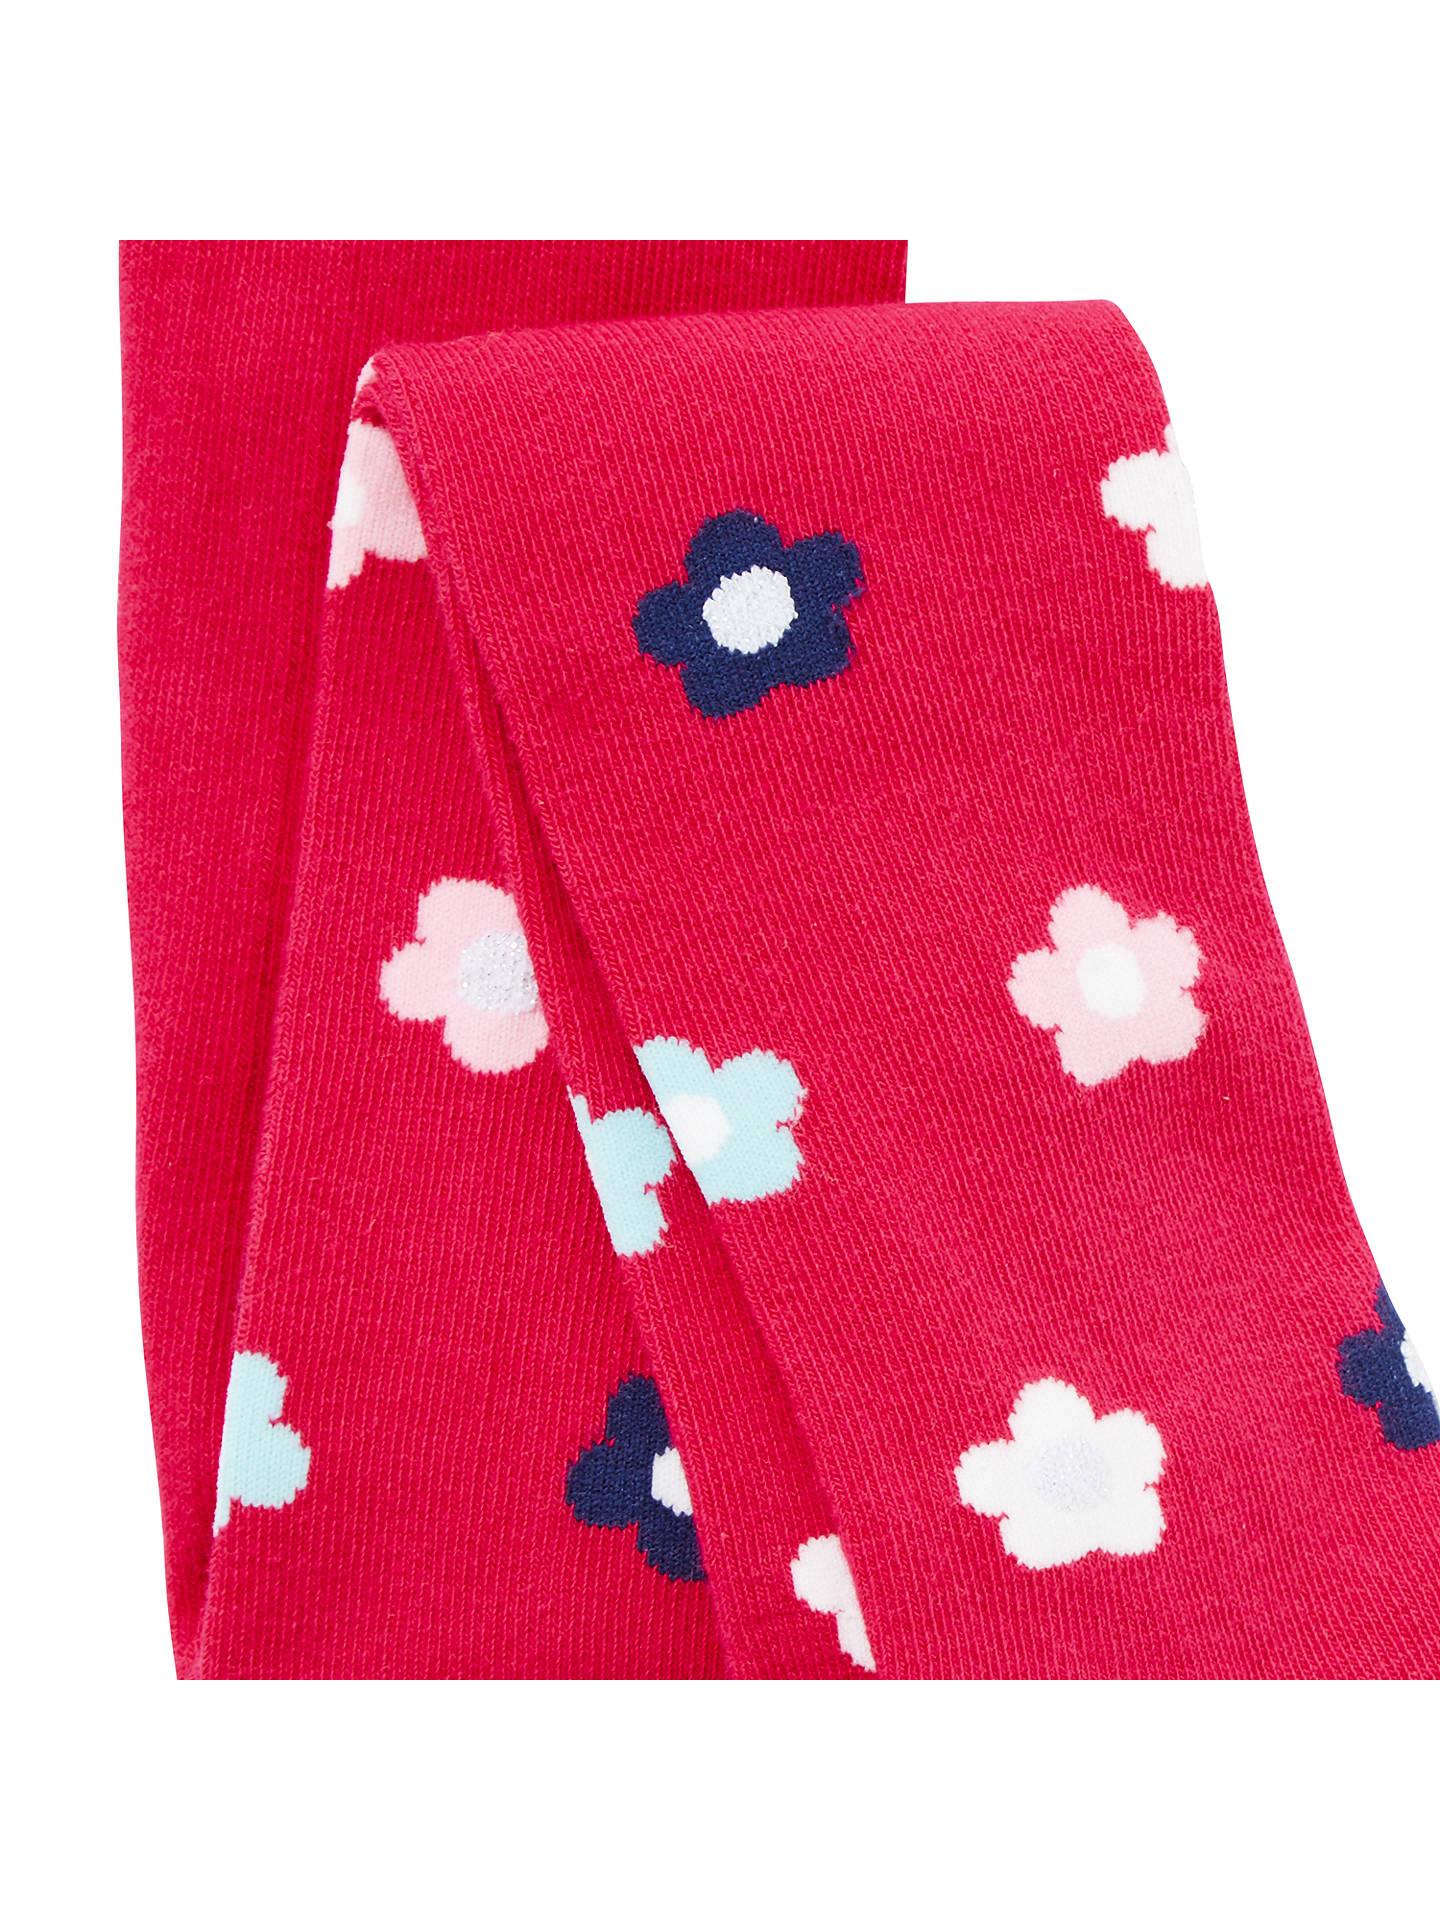 John Lewis /& Partners filles Bold Floral Collants Pack de 3 Age 3-4 ans Nouveau